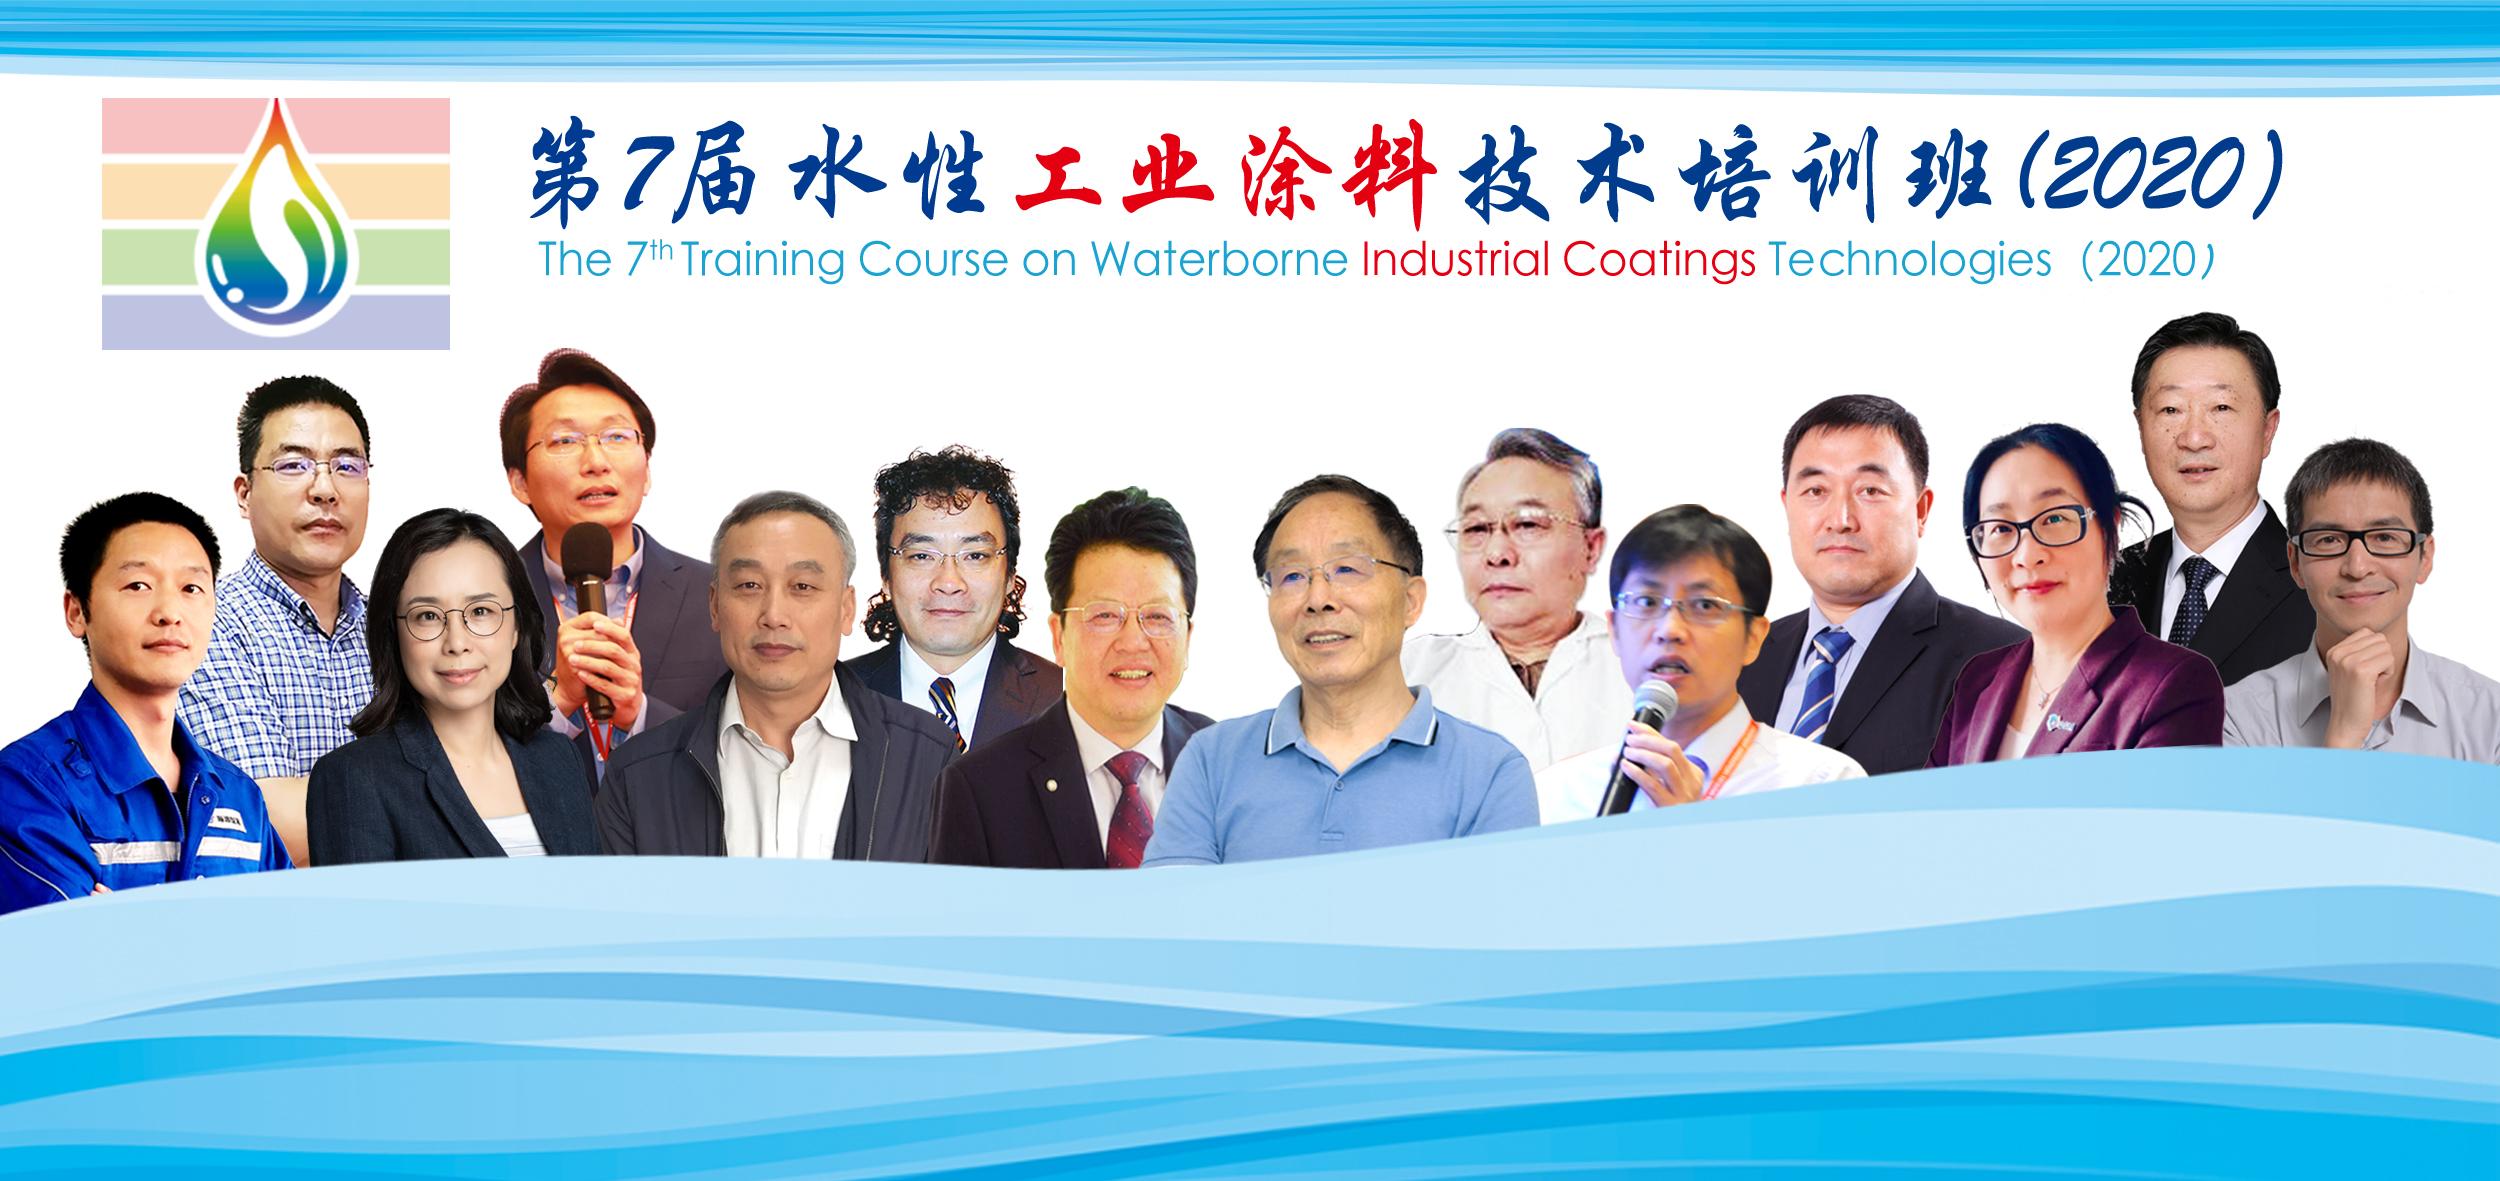 第7届水性工业涂料技术培训班老师介绍及课程大纲